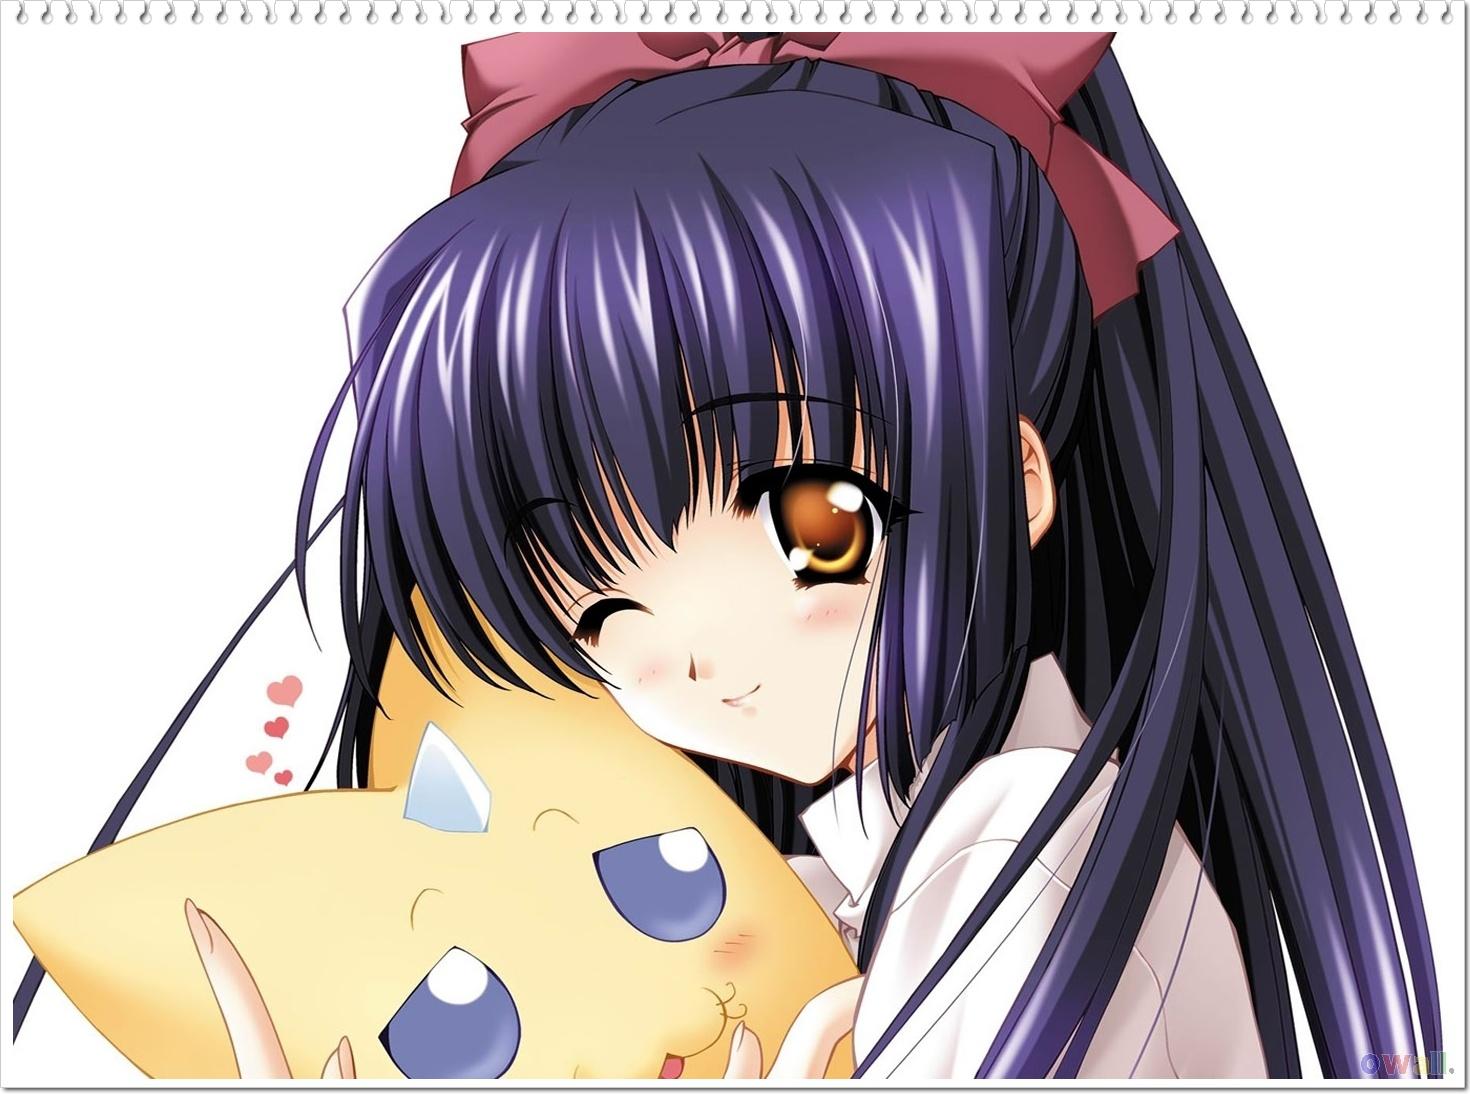 QUAL ANIME VOCÊ RECOMENDA? Cute_anime_manga_1680x1050